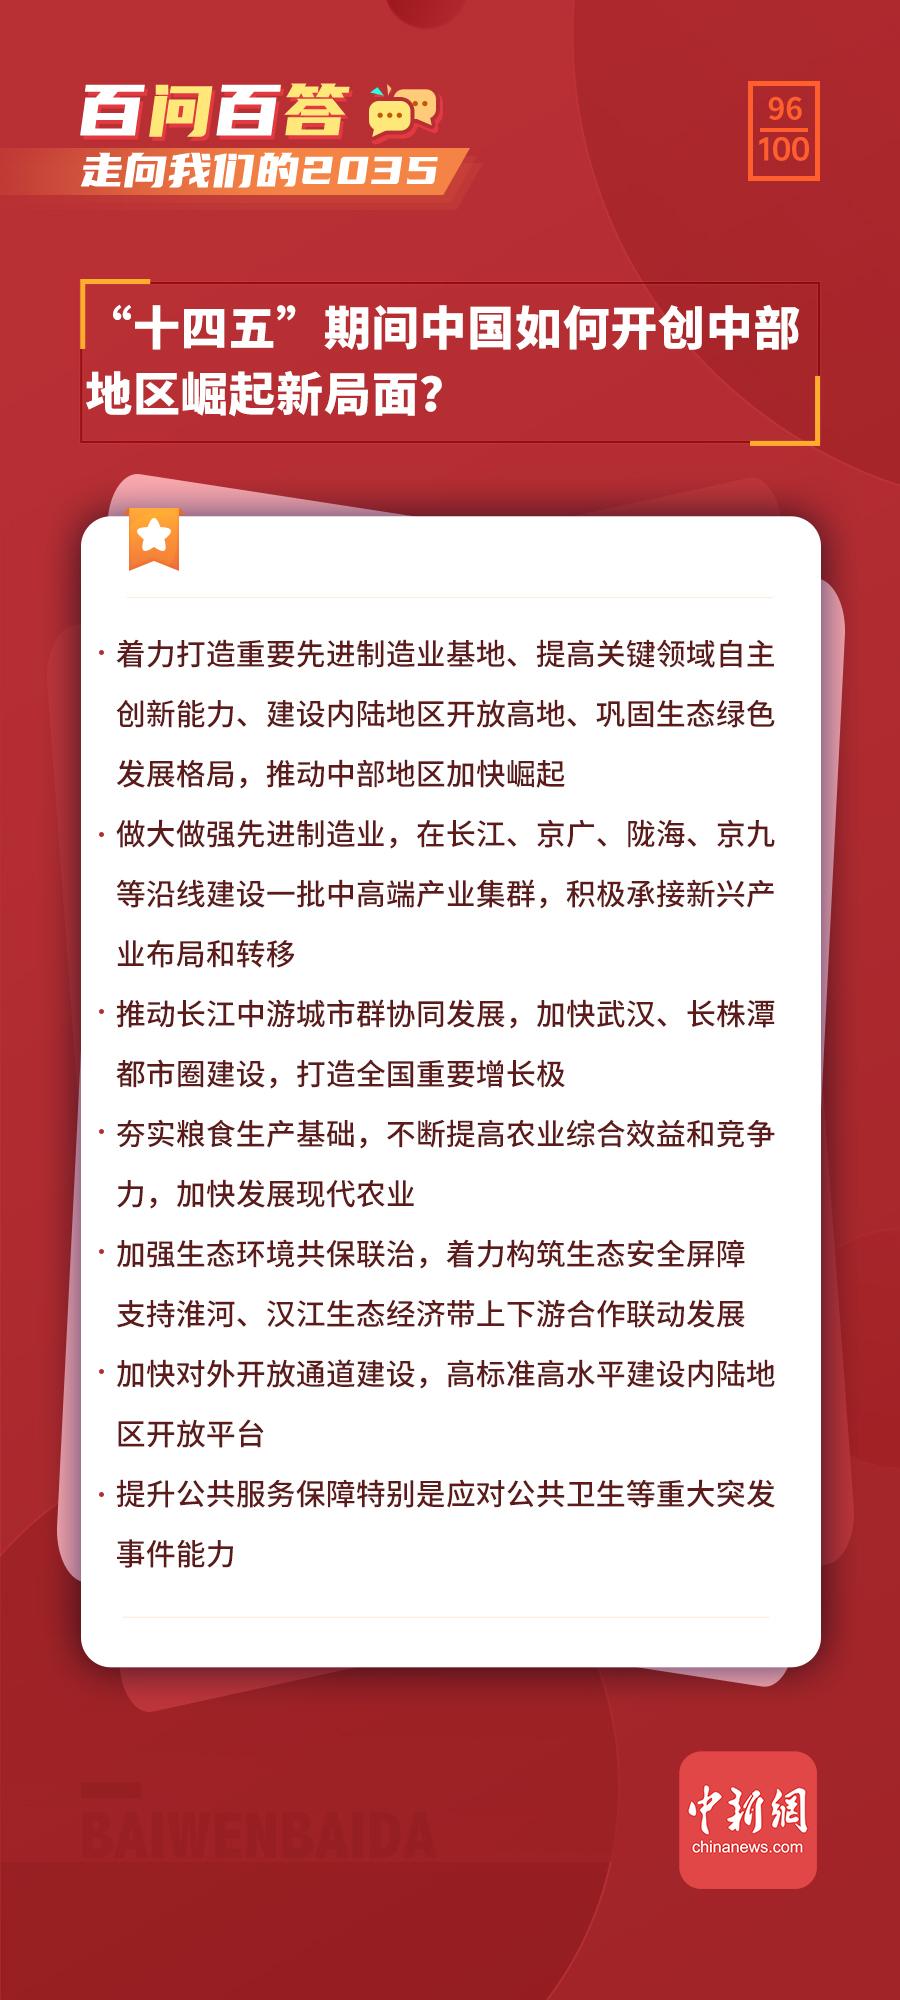 """【走向我们的2035·百问百答】""""十四五""""期间中国如何开创中部地区崛起新局面?"""